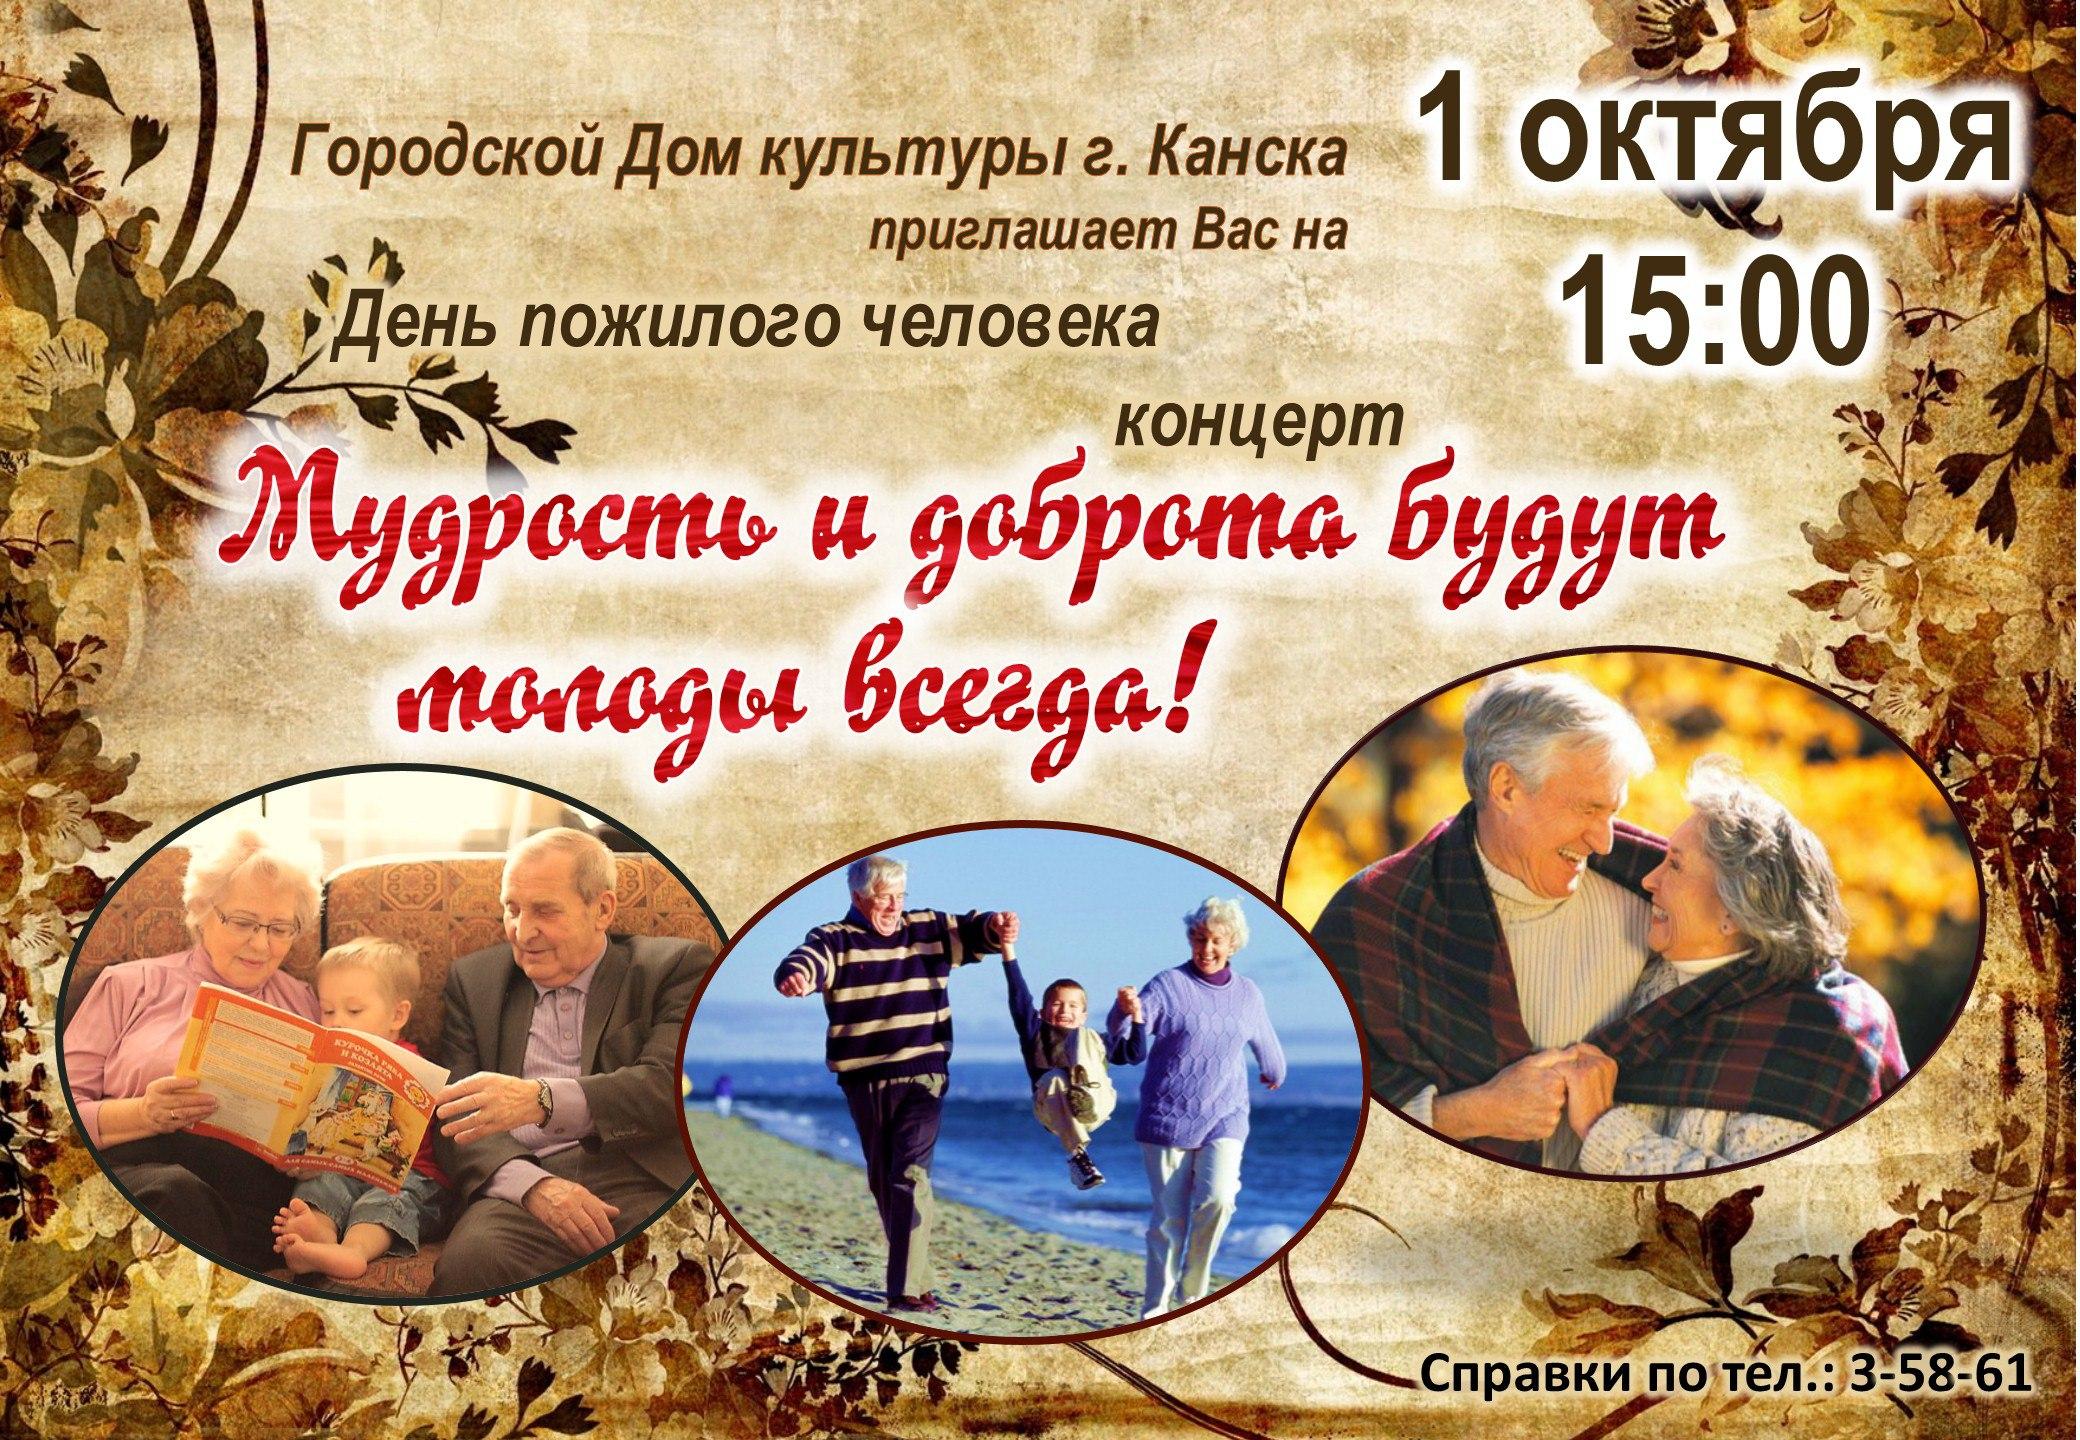 Фон открытки ко дню пожилого человека